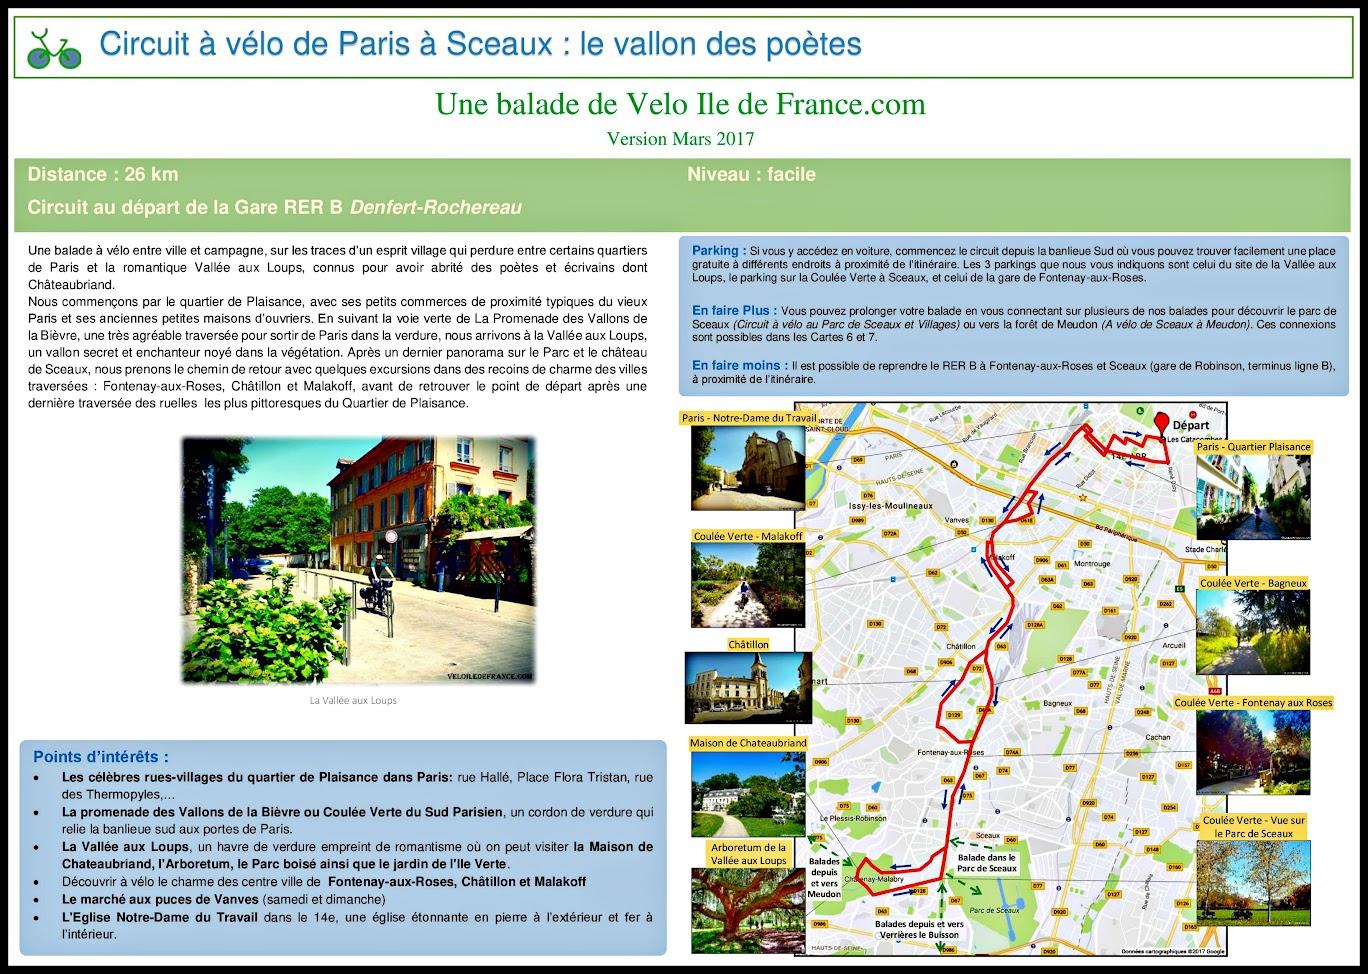 Couverture - Circuit à vélo entre Paris et Sceaux, le vallon des poètes par veloiledefrance.com